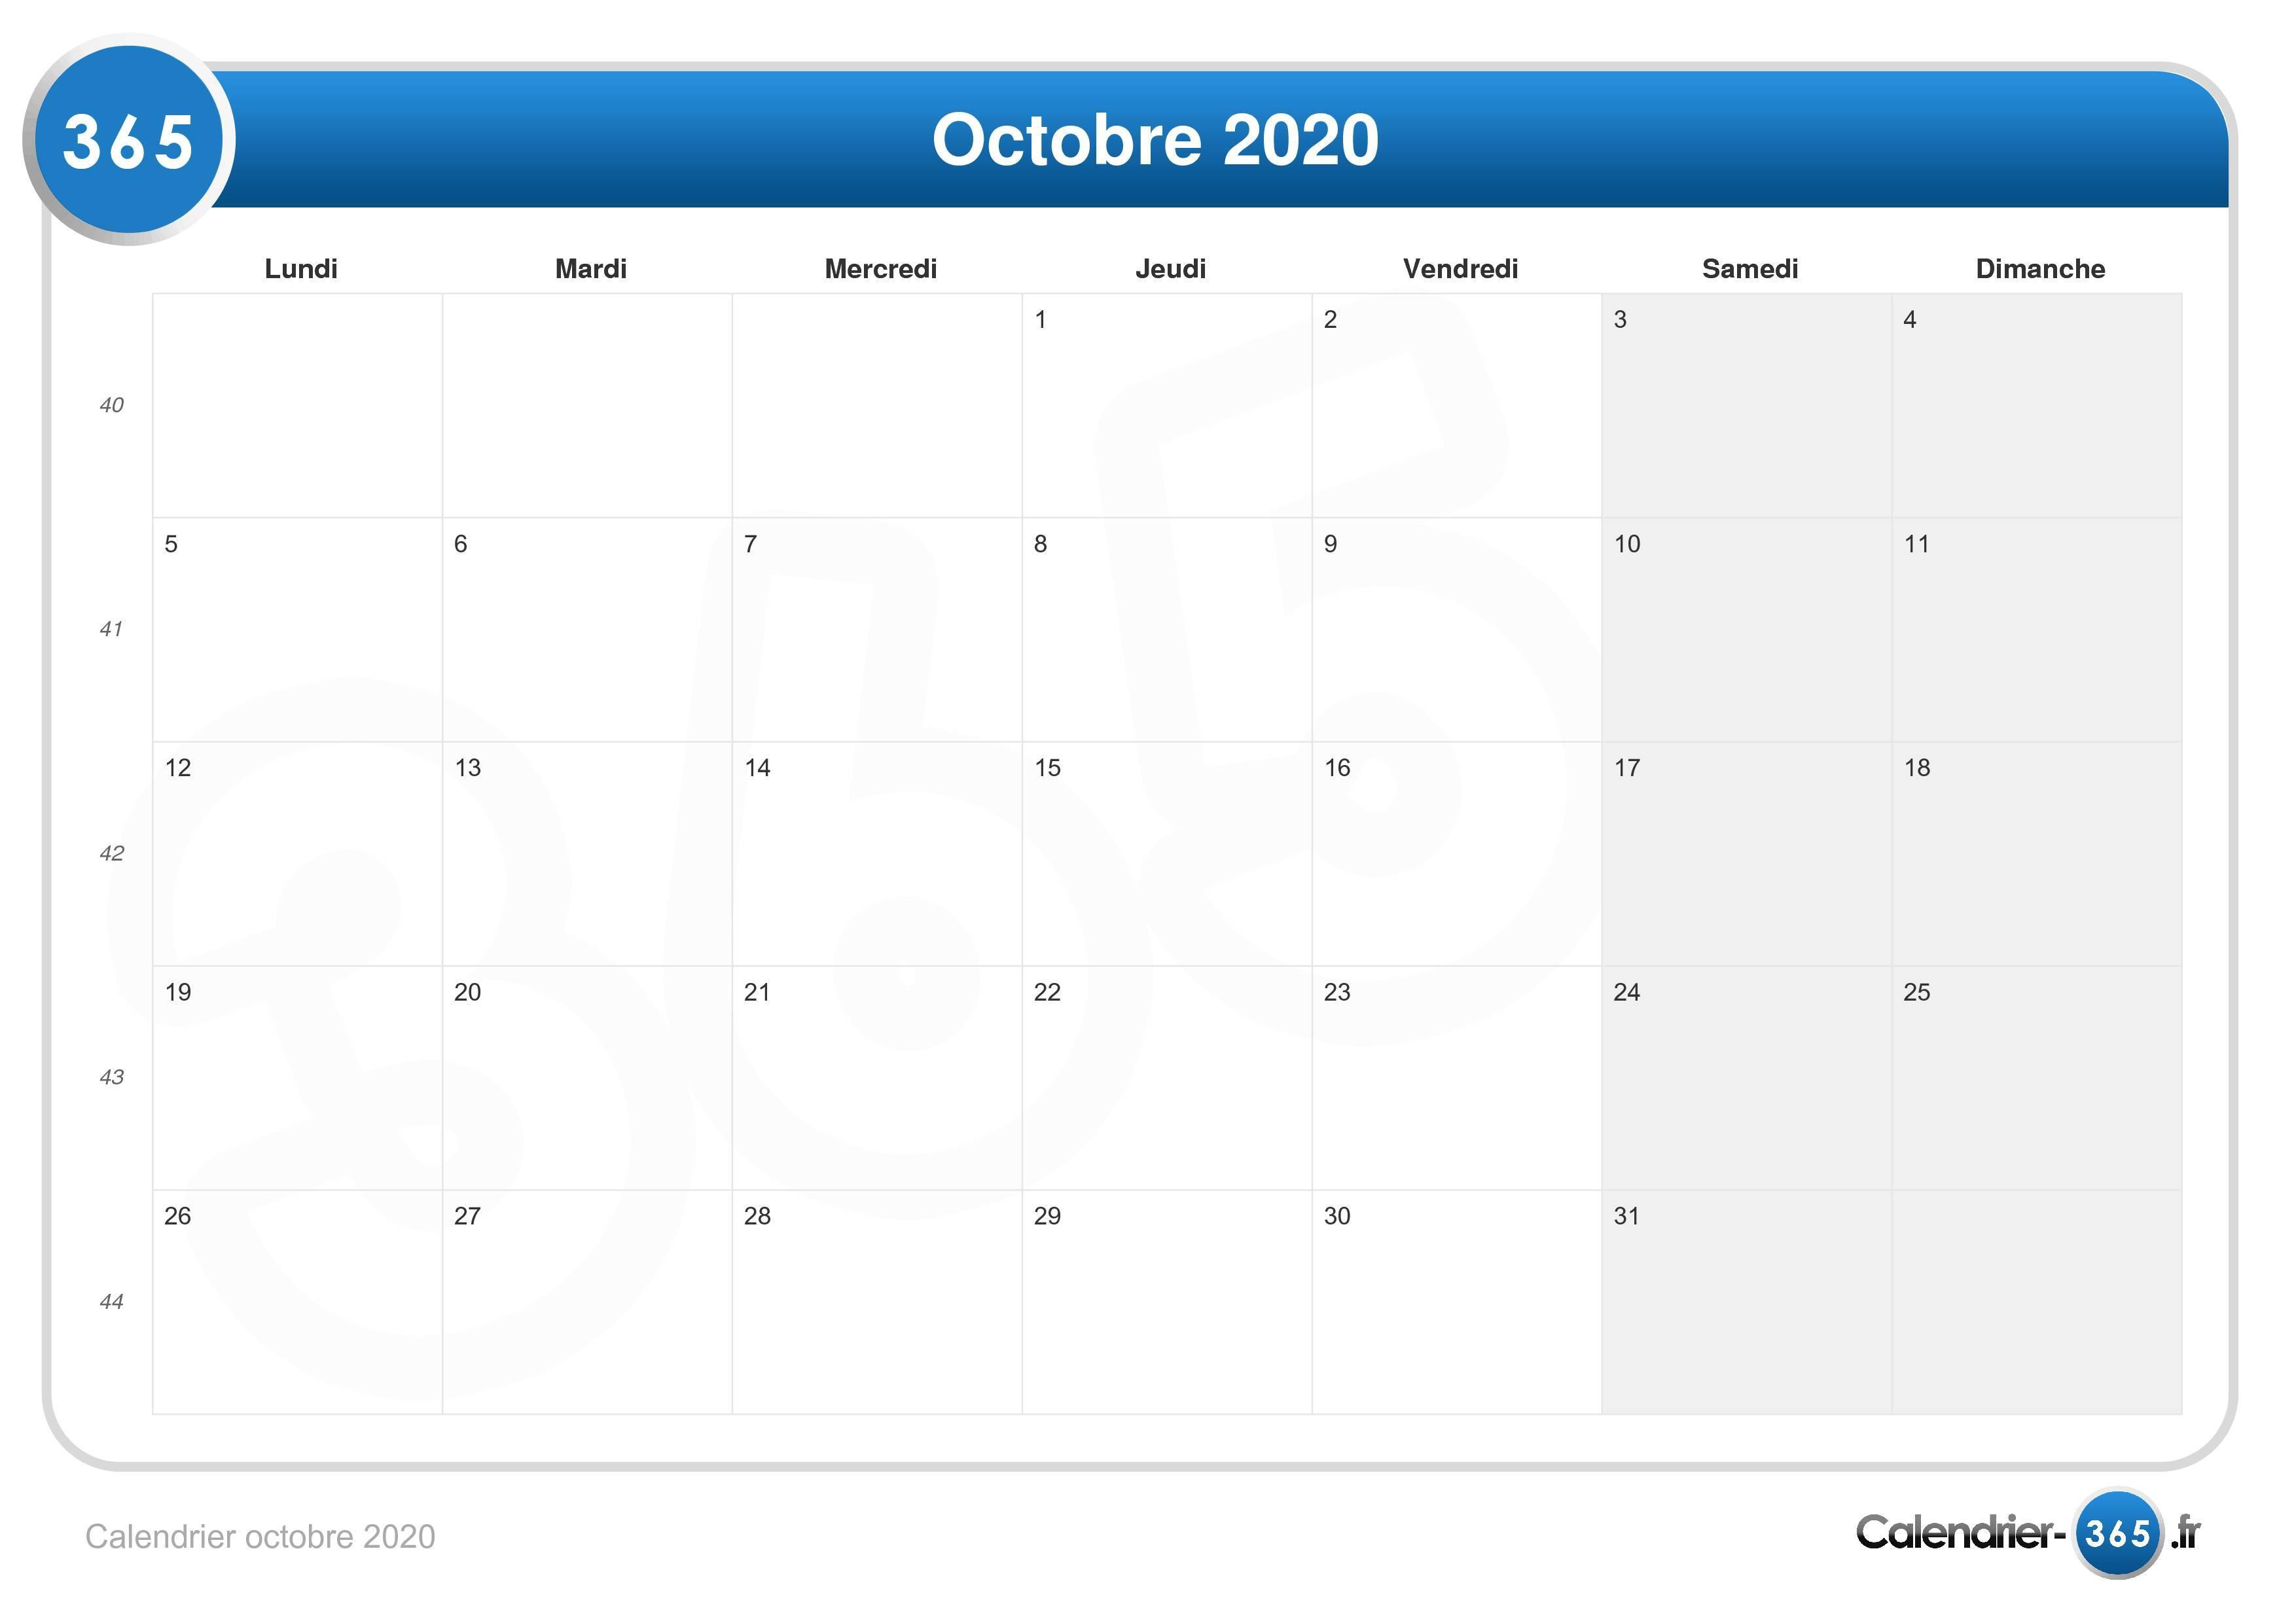 Calendrier Octobre 2020.Calendrier Octobre 2020